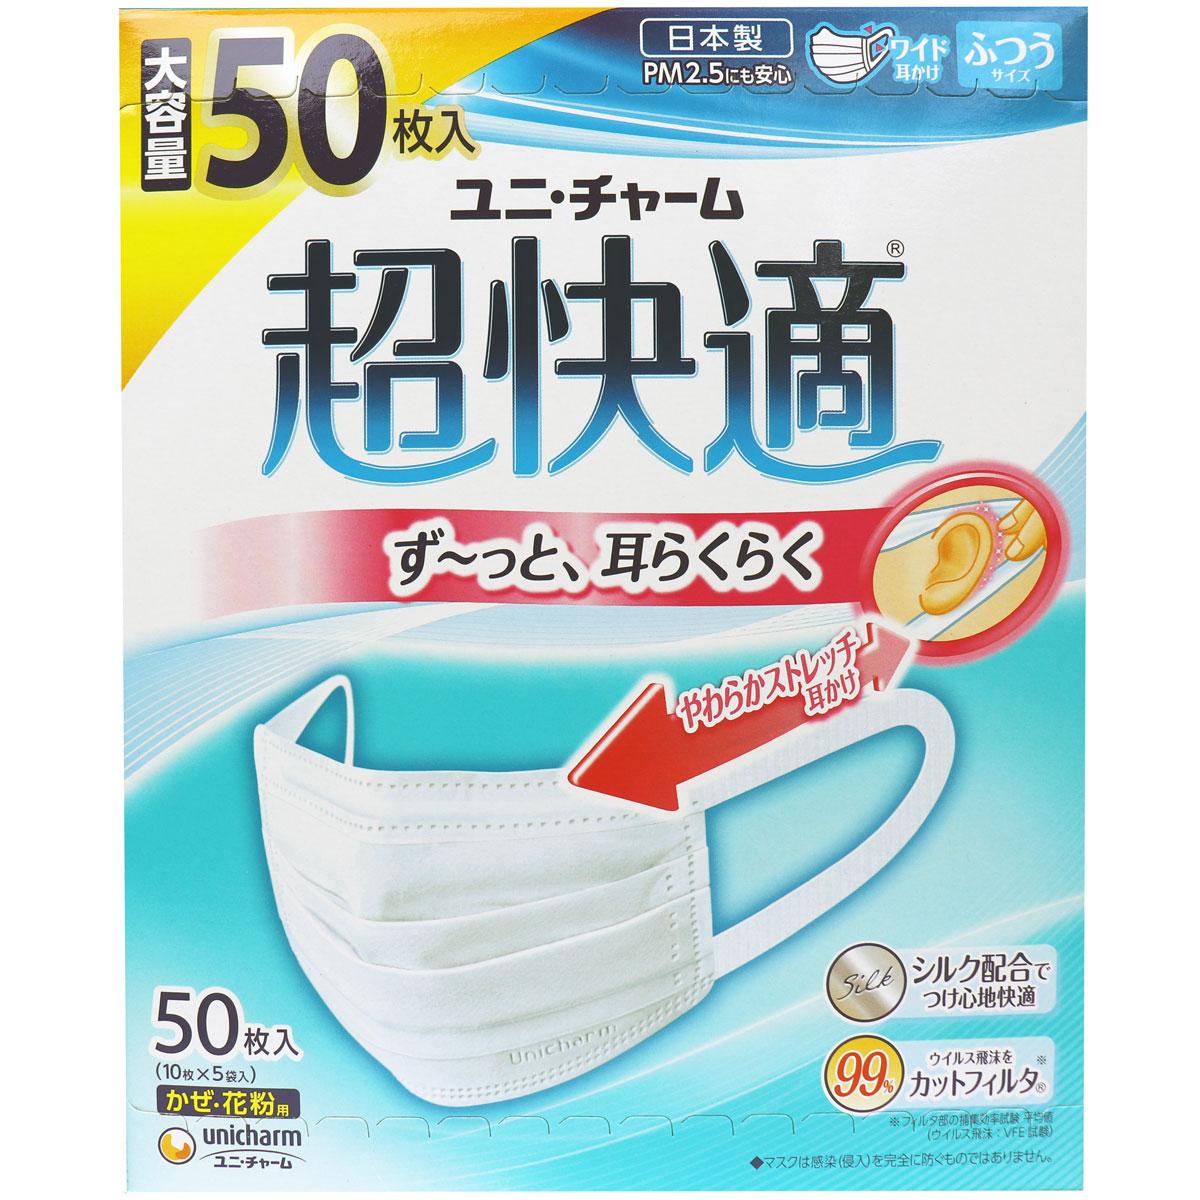 [メーカー欠品] 超快適マスク プリーツタイプ かぜ・花粉用 ふつうサイズ 50枚入